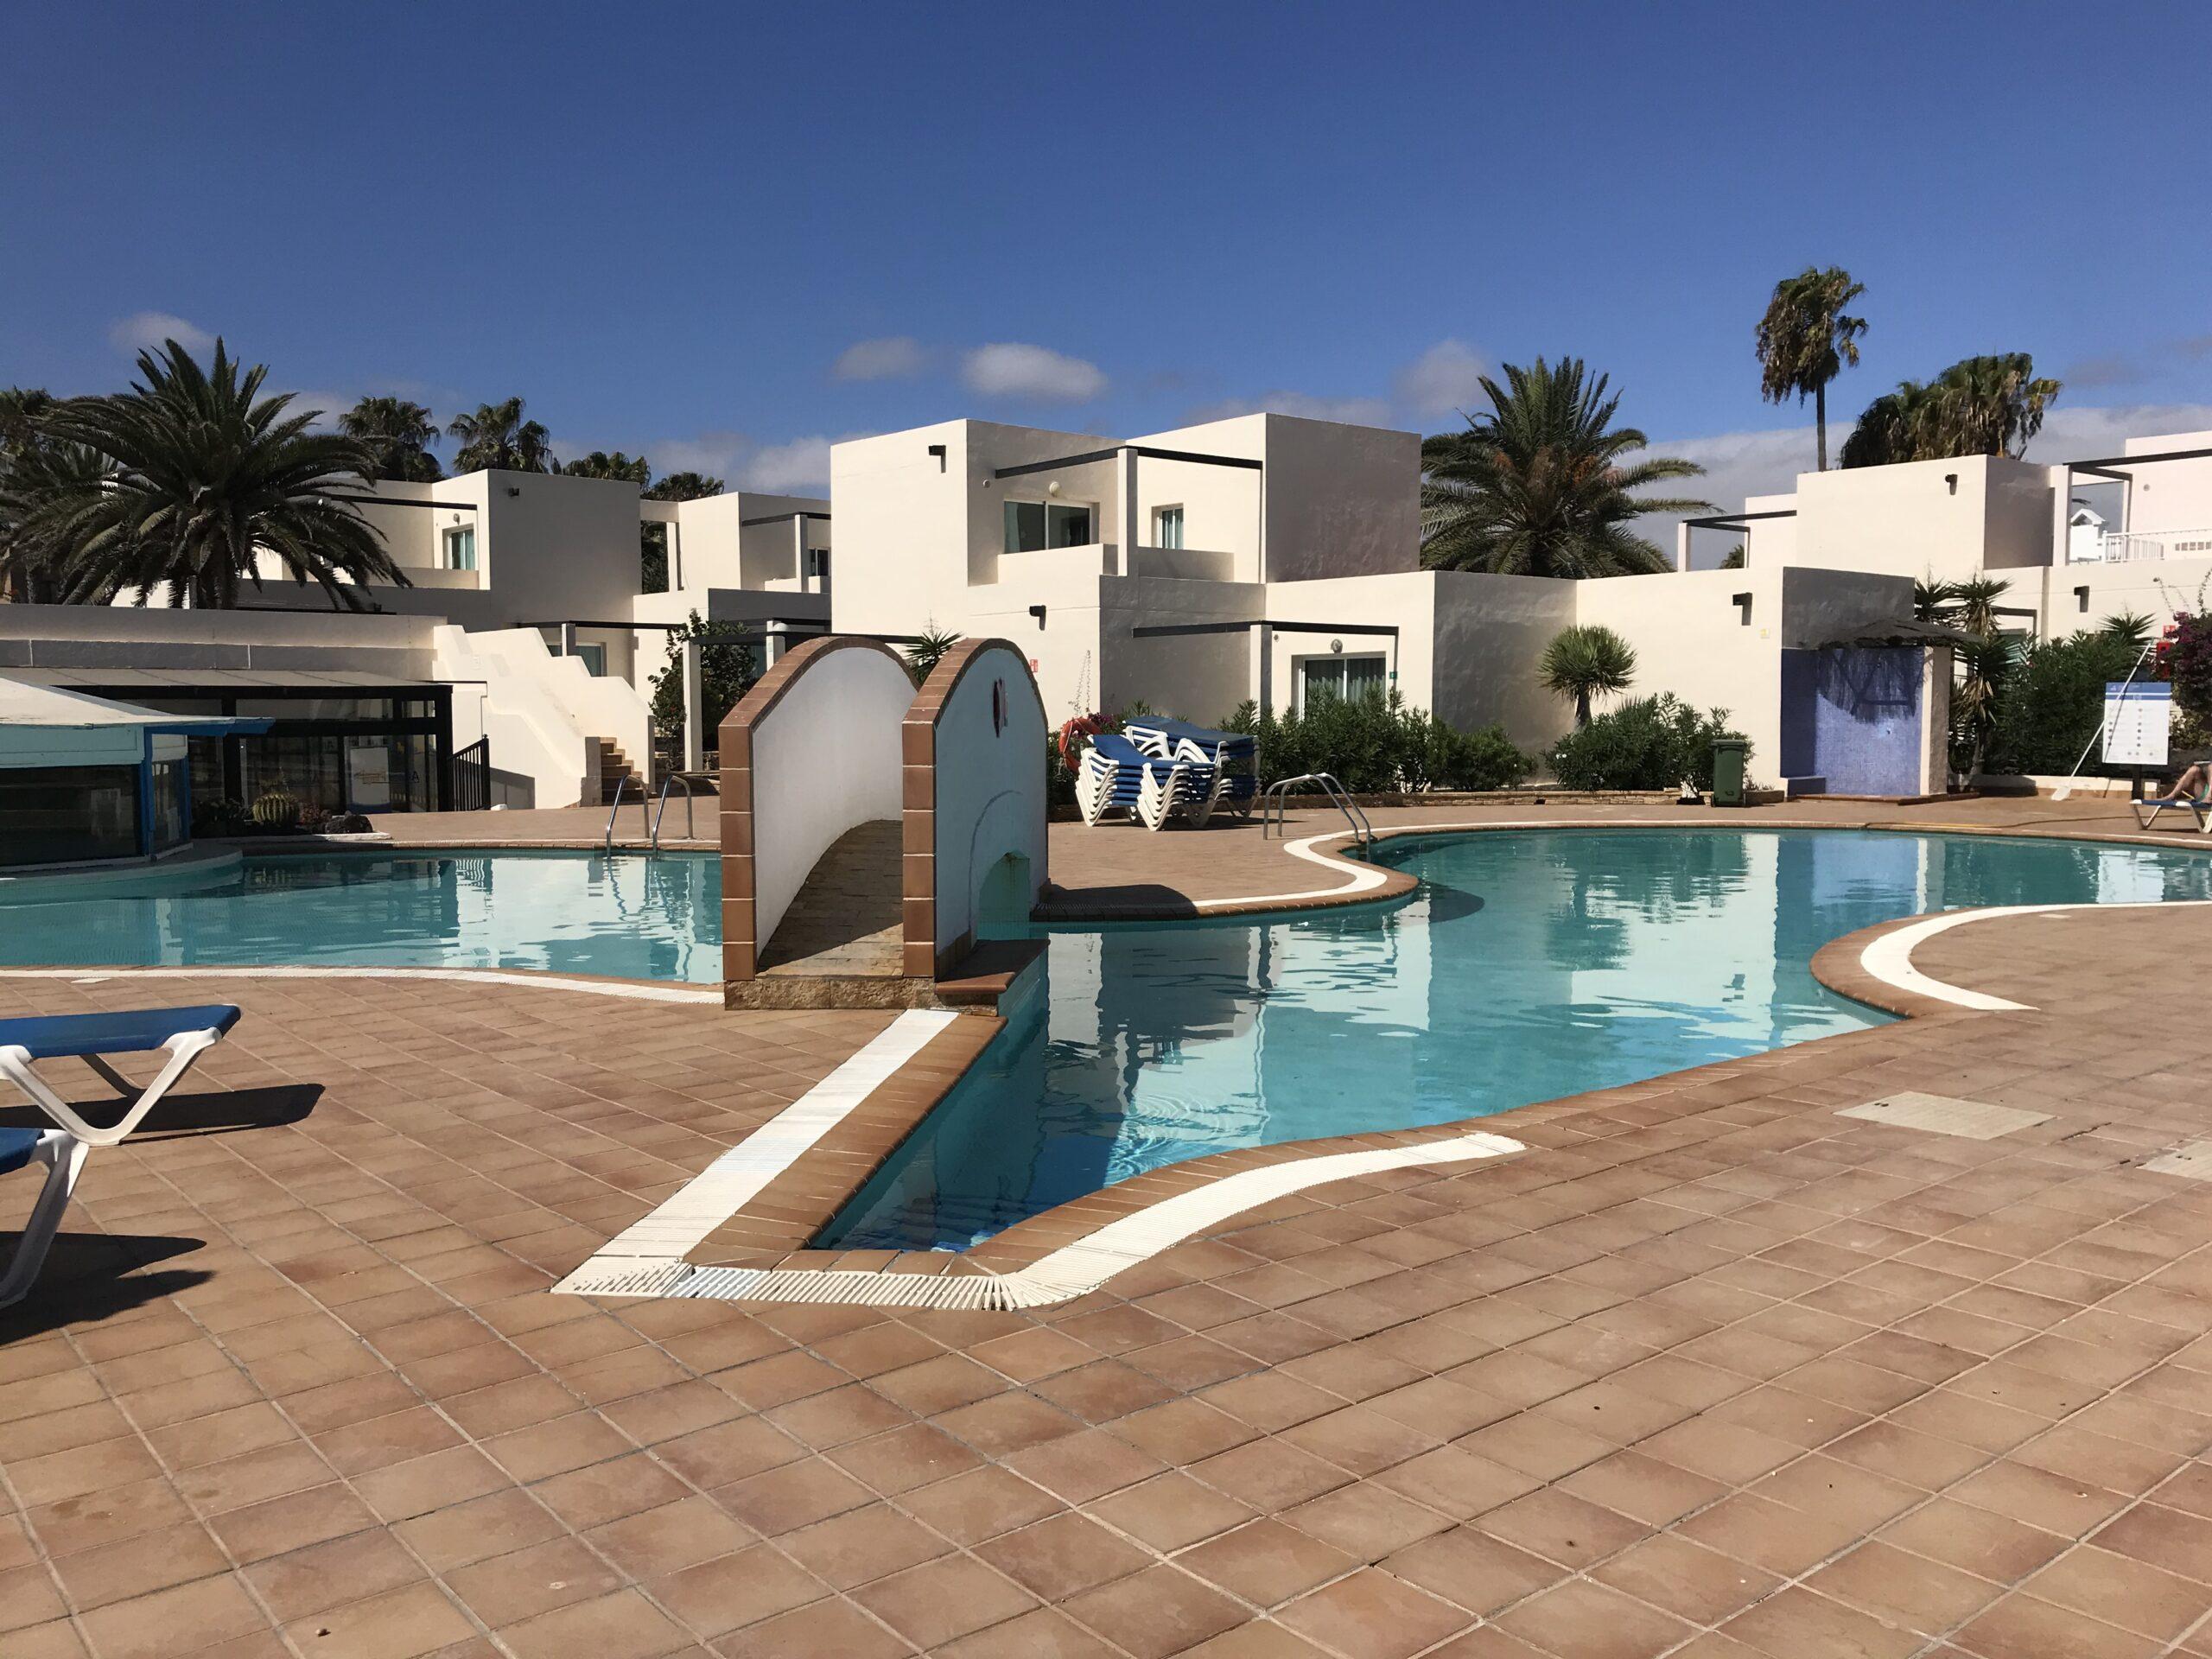 Renovated apartment in Alisios Playa